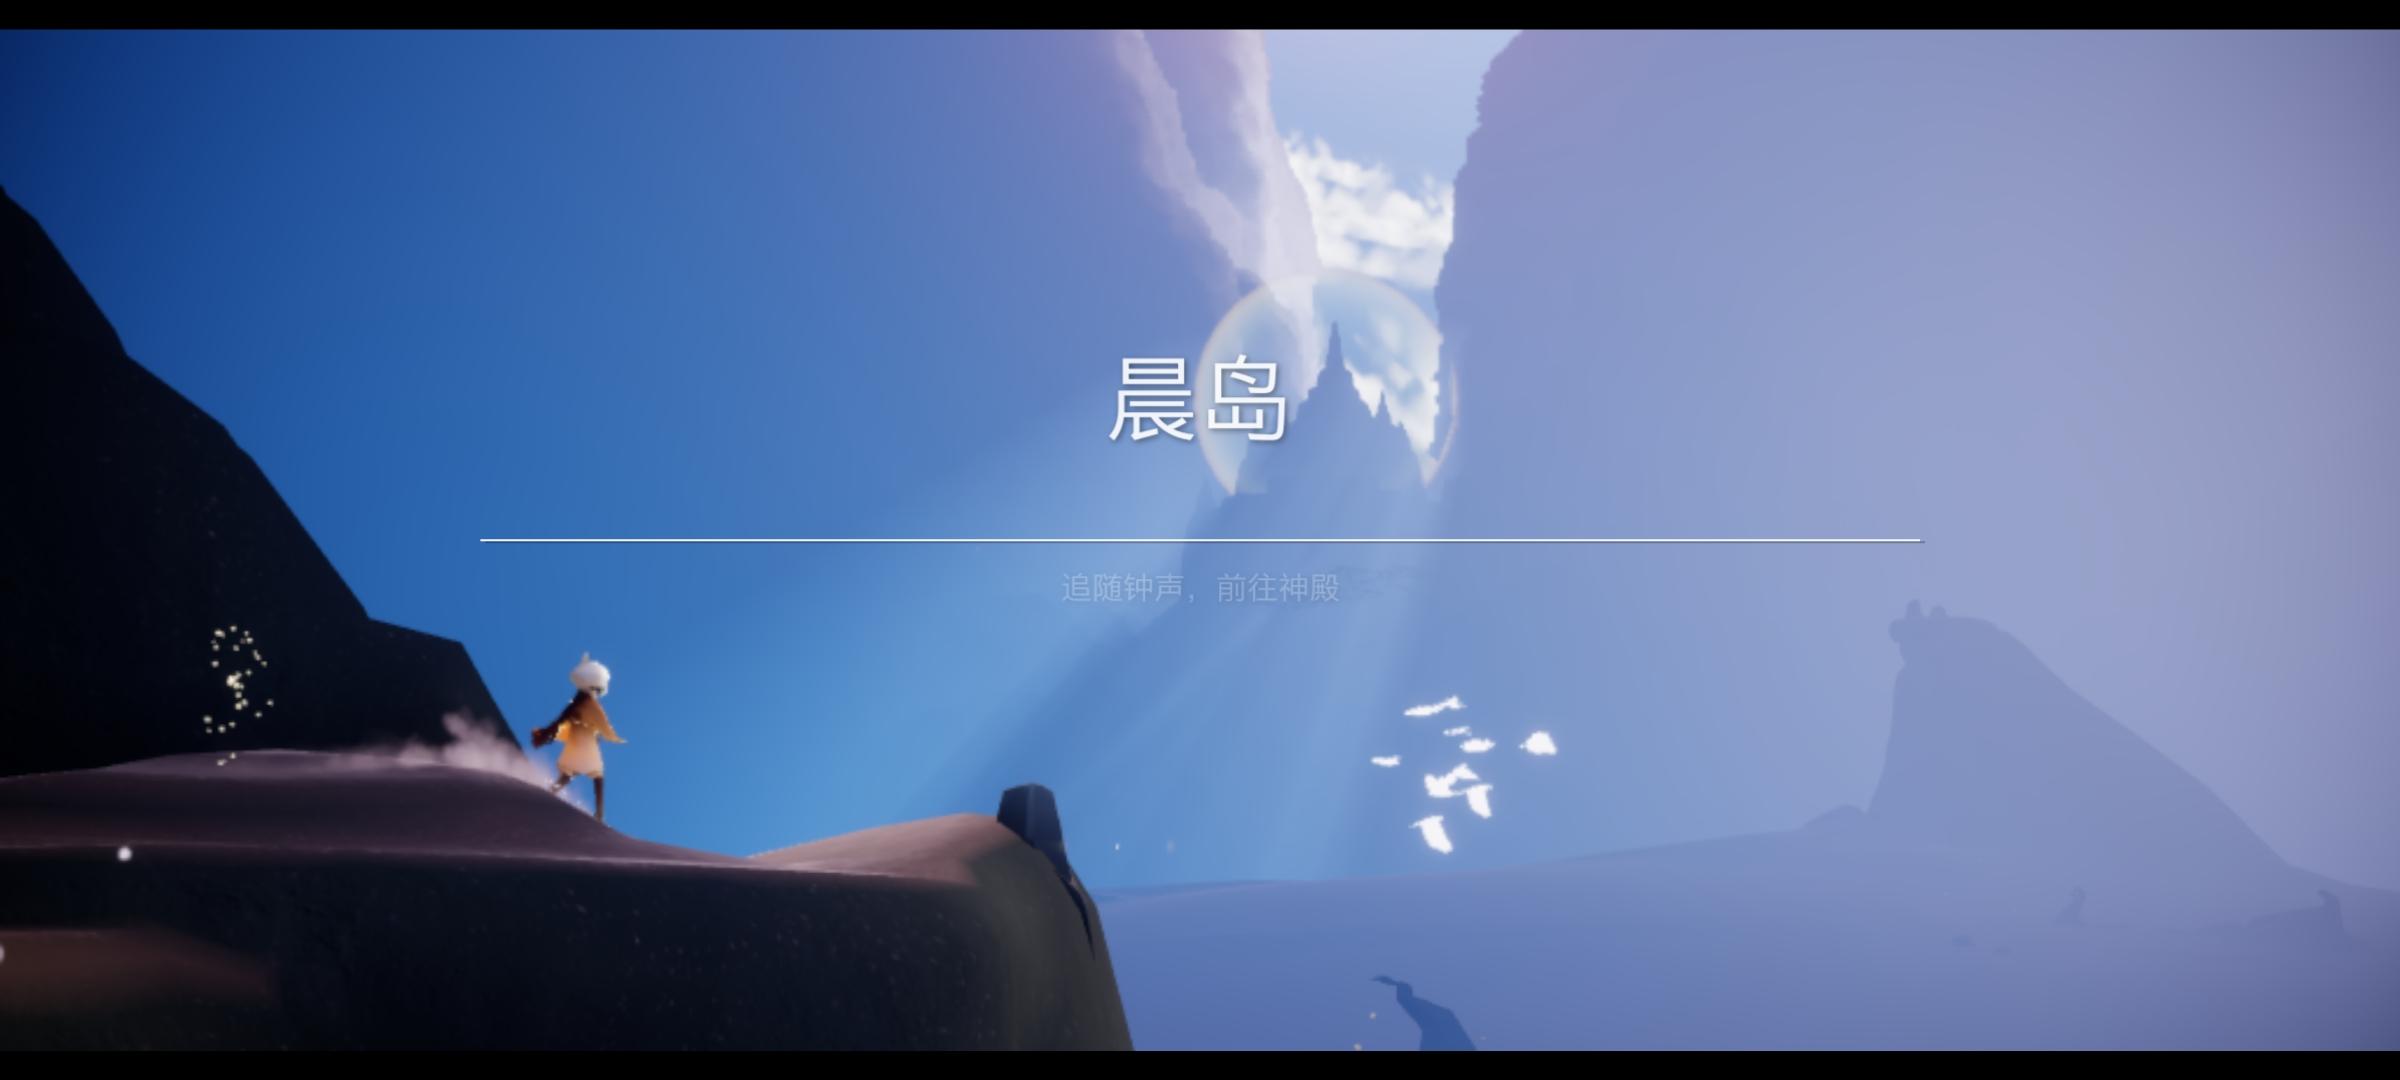 Screenshot_20200224-204006.jpg